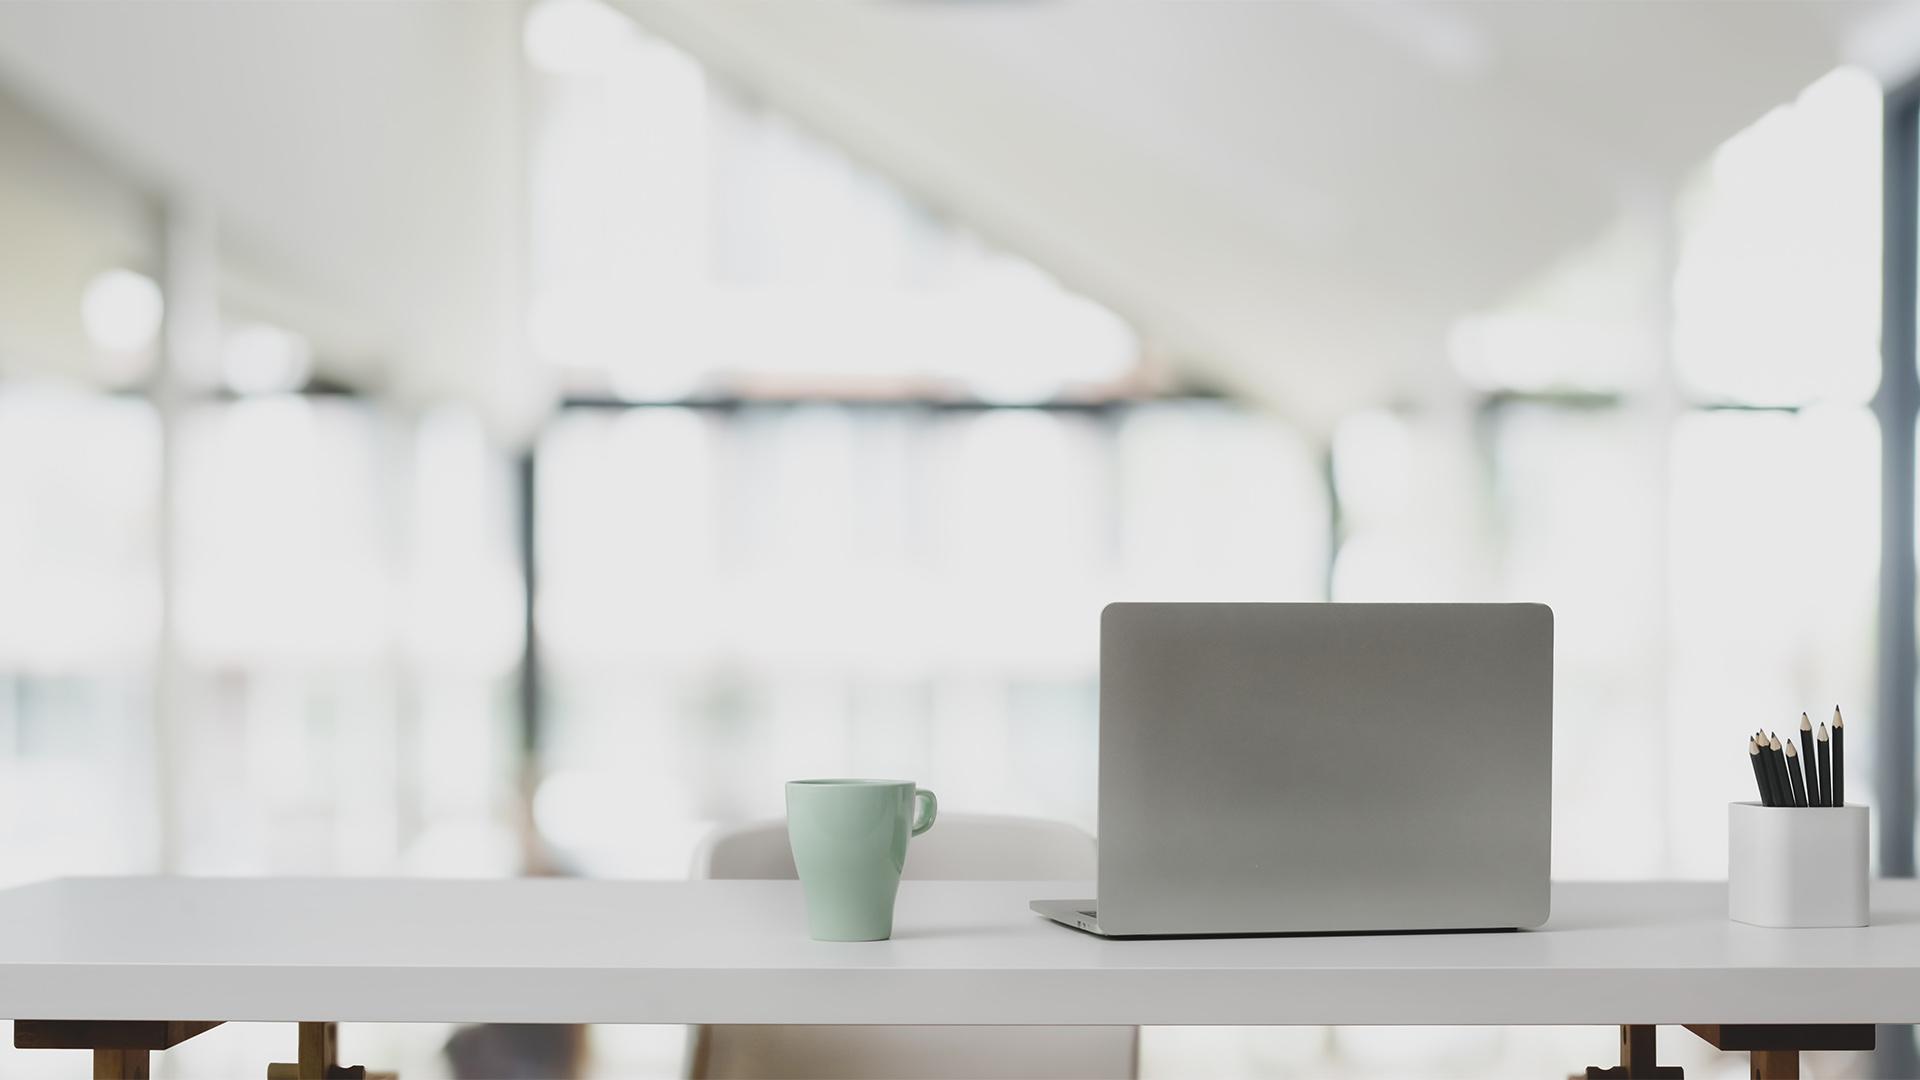 Laptop auf Stehtisch vor weißer Büroraumkulisse. Symbolbild für Corporate Design.